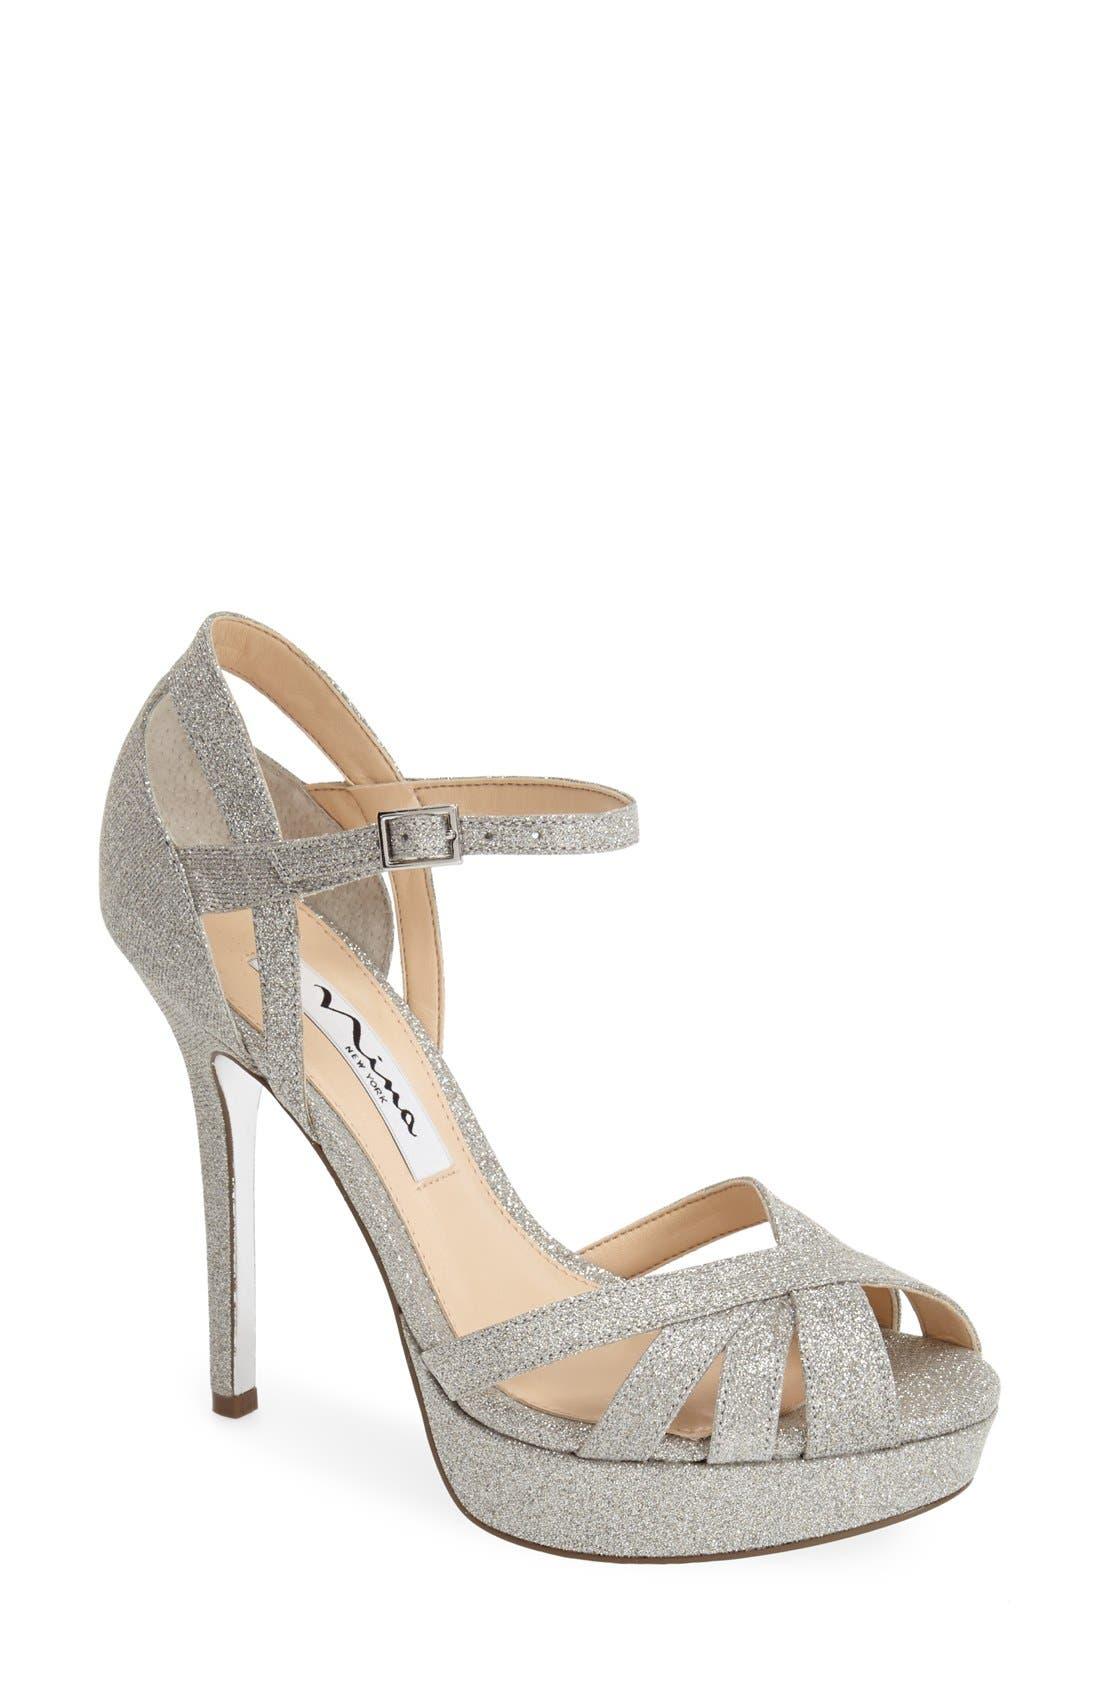 NINA, 'Senora' Glitter Satin Sandal, Main thumbnail 1, color, 042